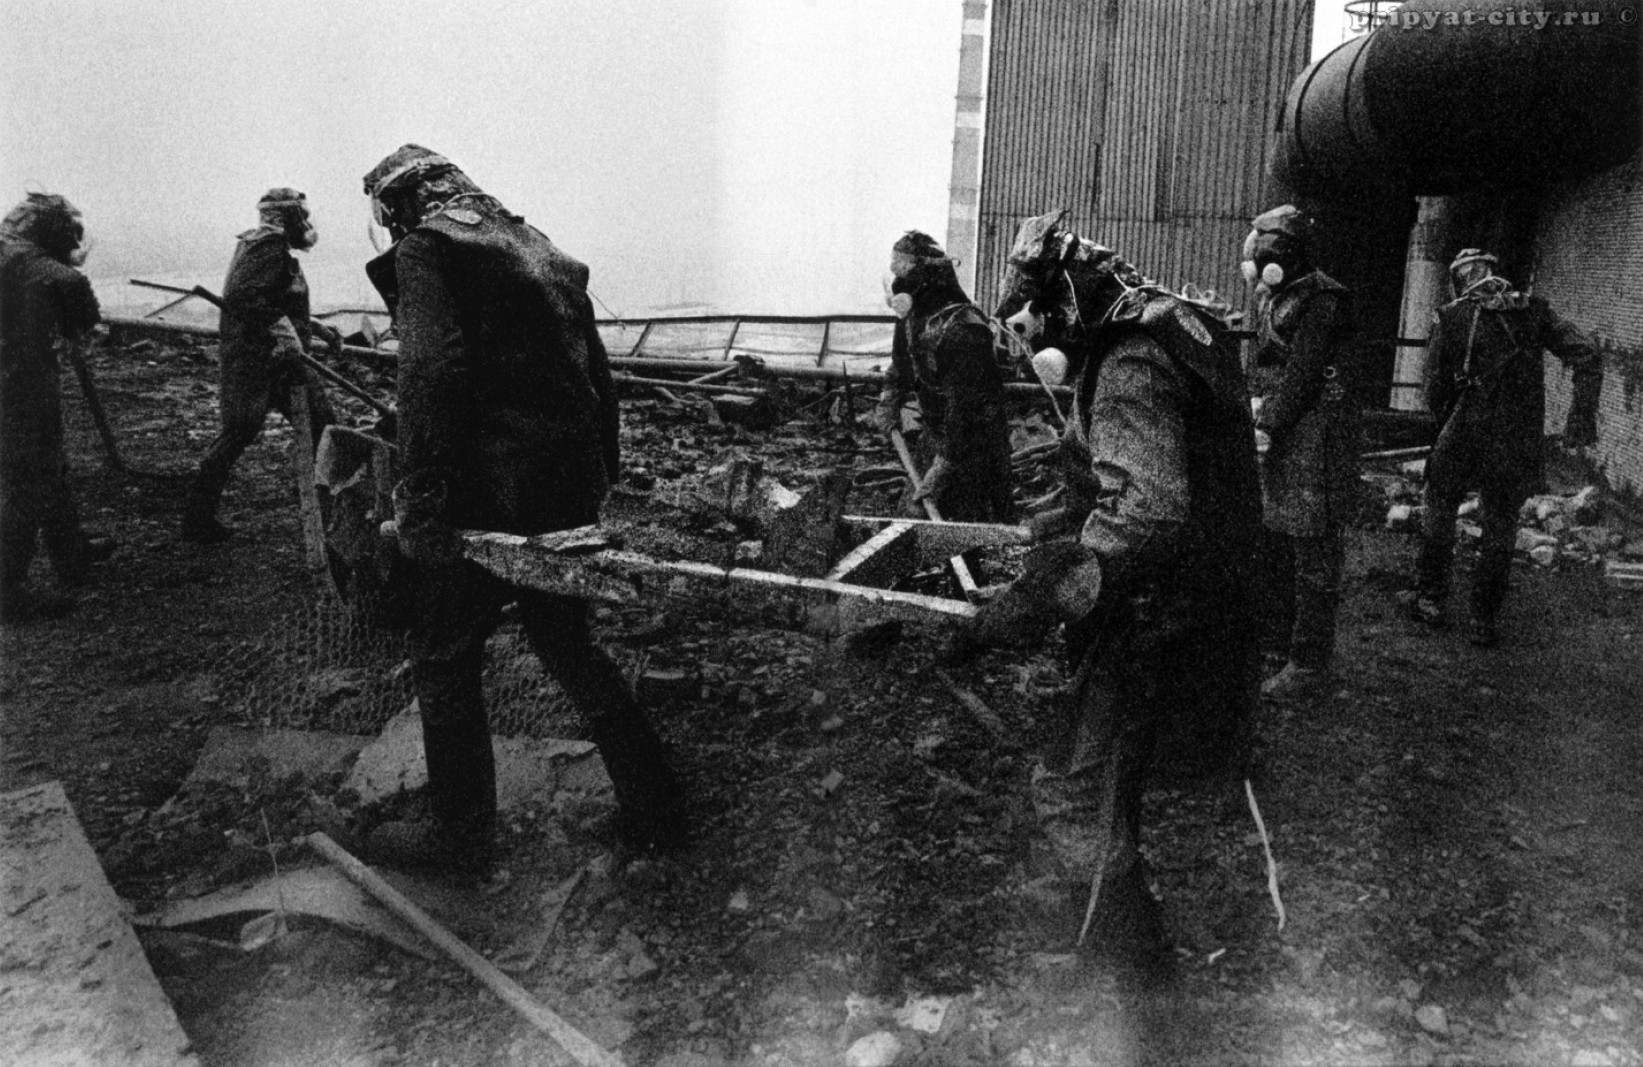 Экспонат #10. Чернобыльская авария. 1986 год